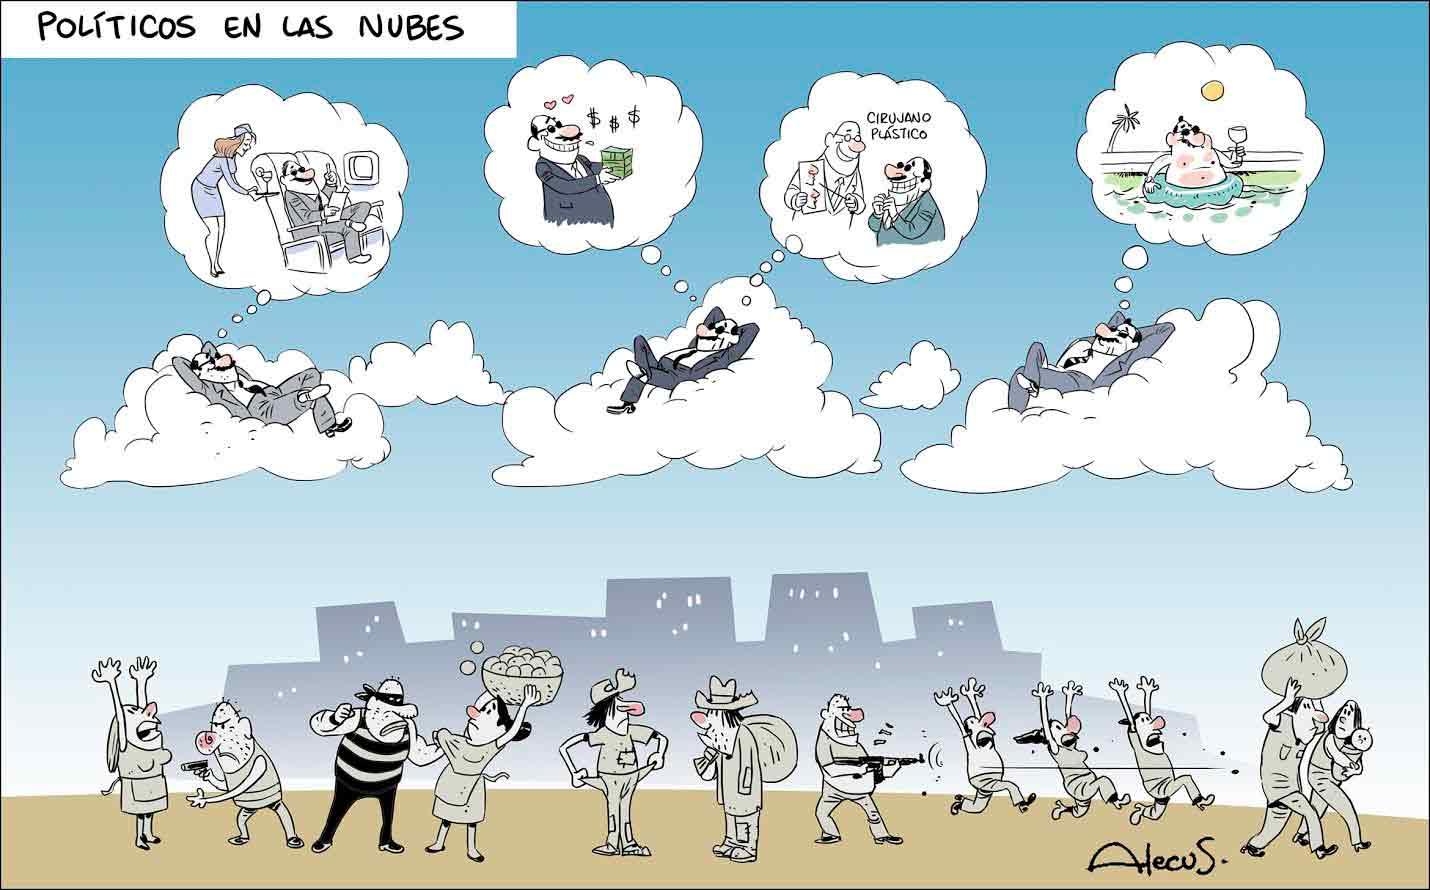 Políticos en las nubes